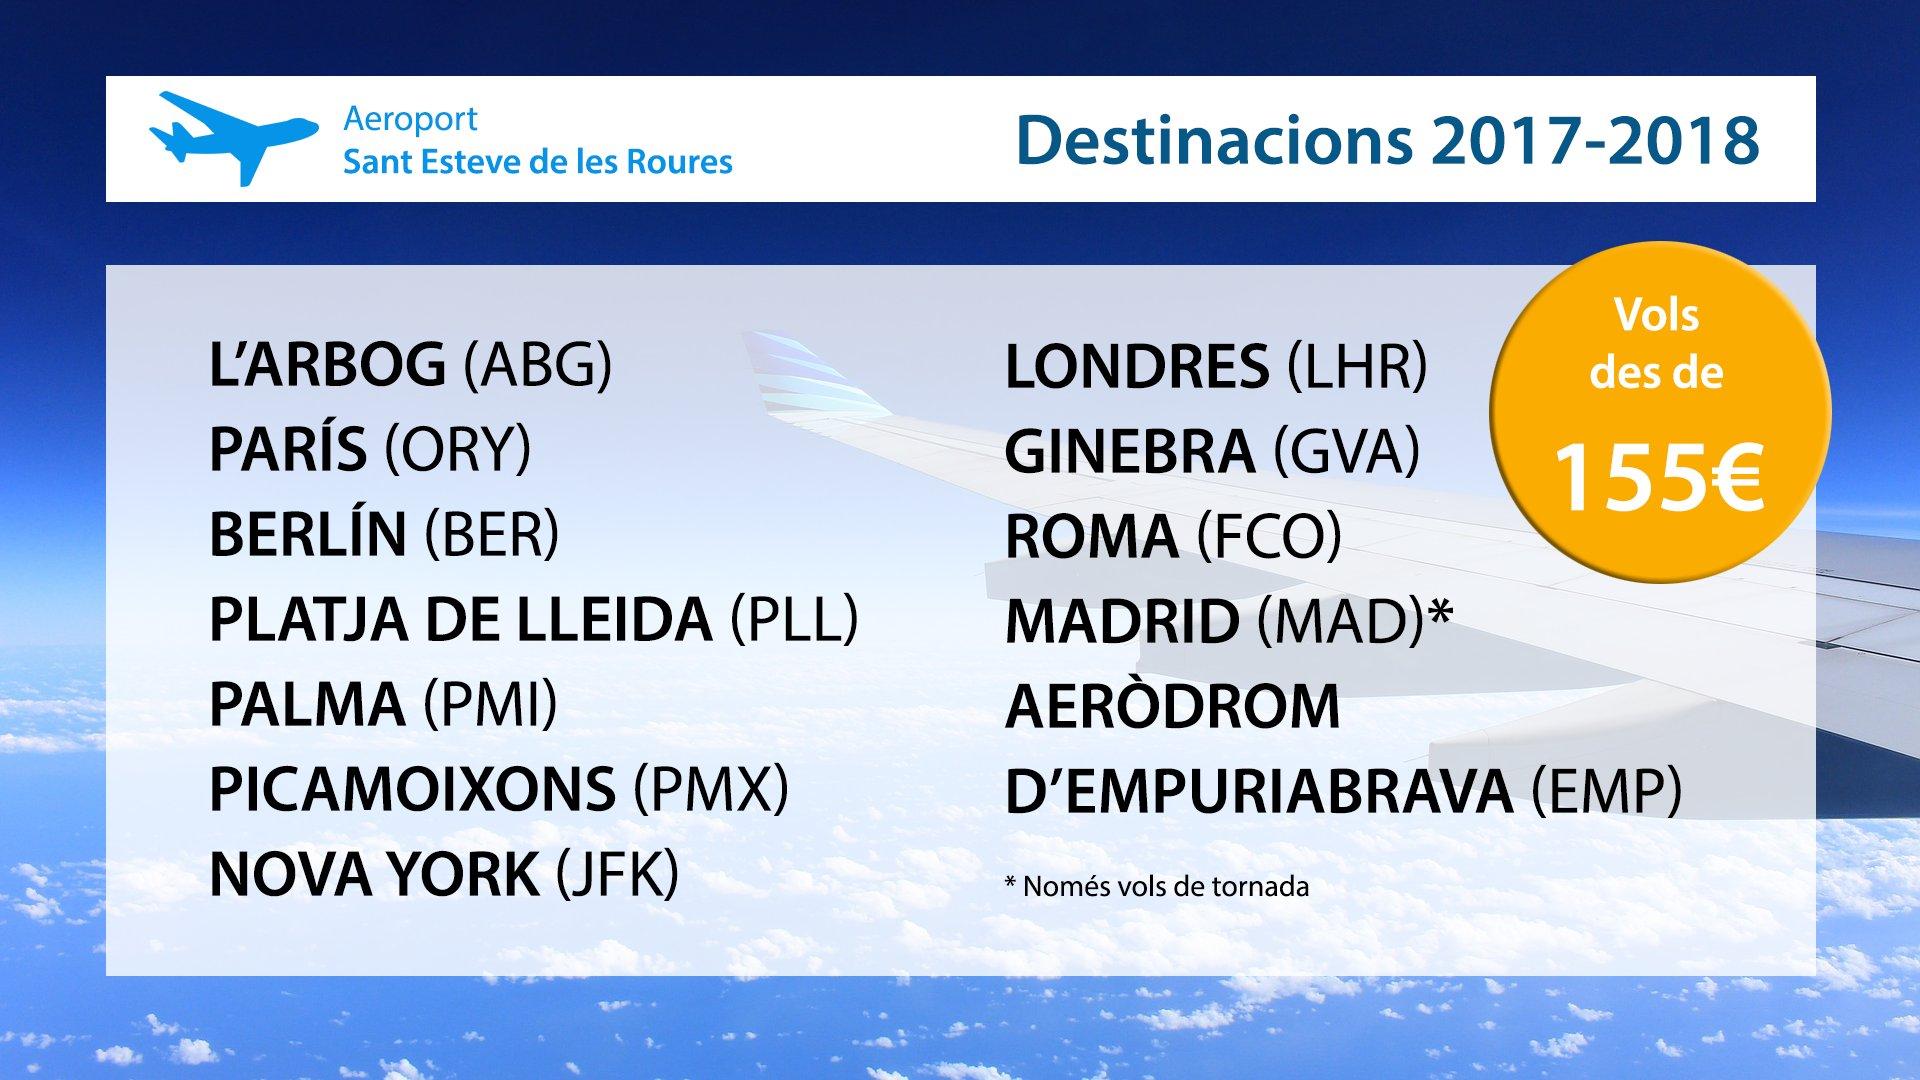 Consulteu les nostres destinacions per a aquesta temporada, operades per #ORNIAIR. Reserveu bitllets a partir de 155€!   ✈ Aeroport de Sant Esteve de les Roures, el lloc on comencen tots els viatges https://t.co/3wGhYp1CQn